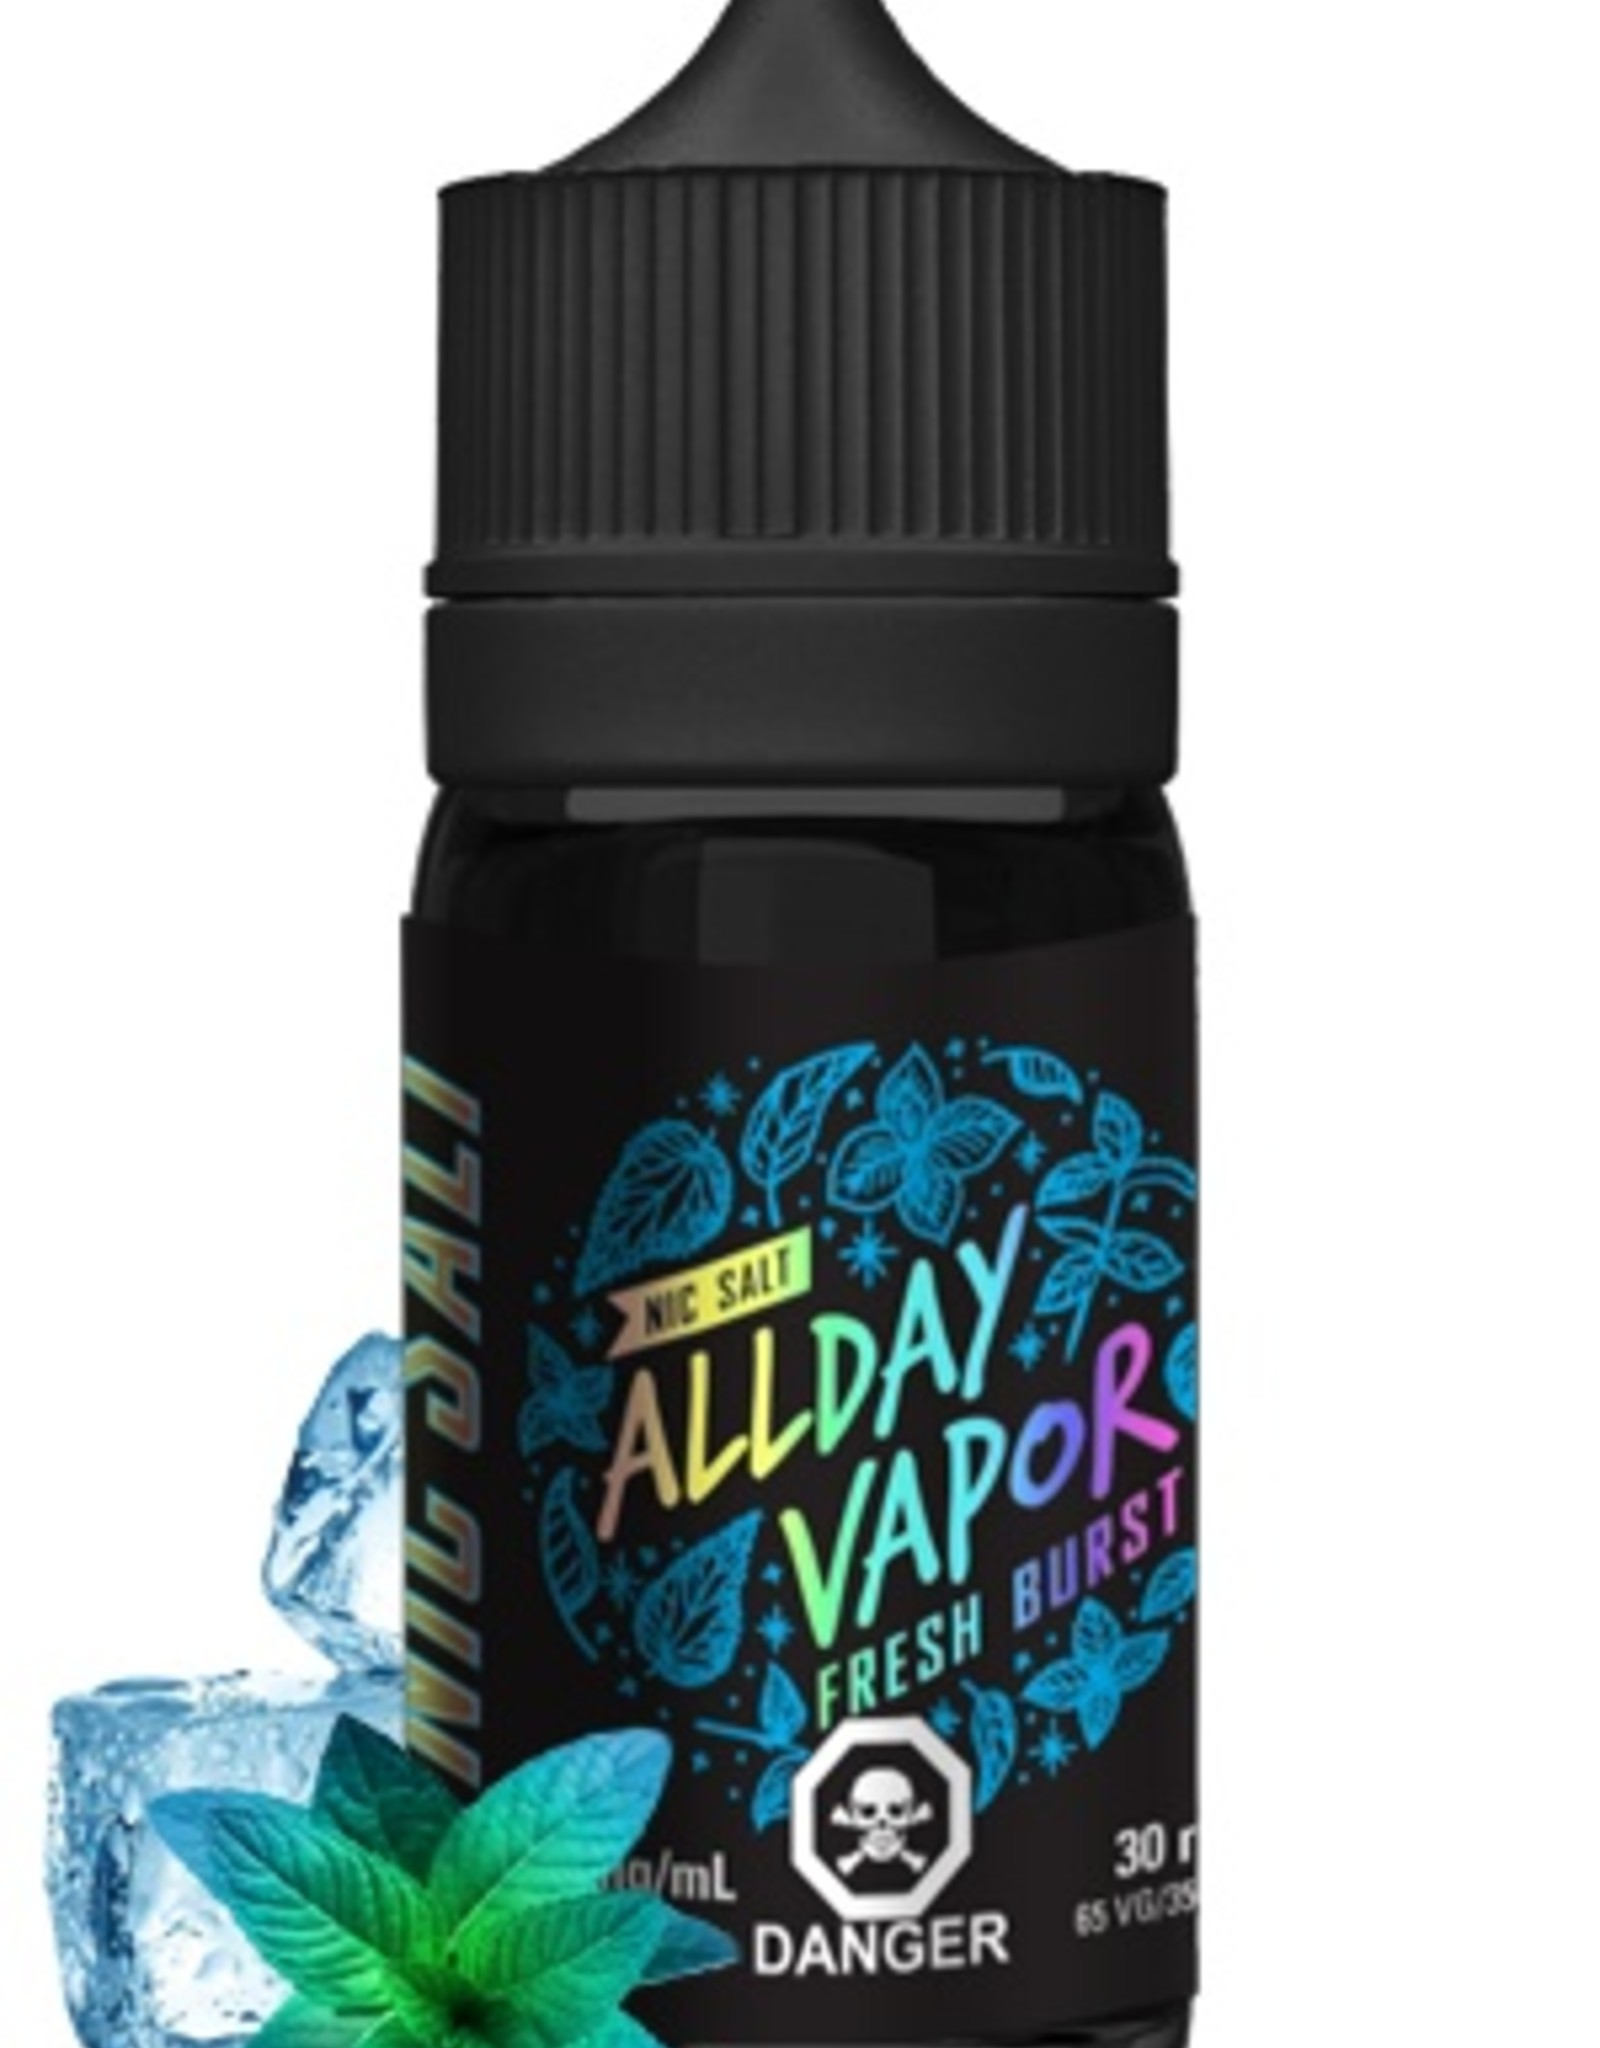 Nic Salt ALLDAY VAPOR Fresh Burst (30mL)